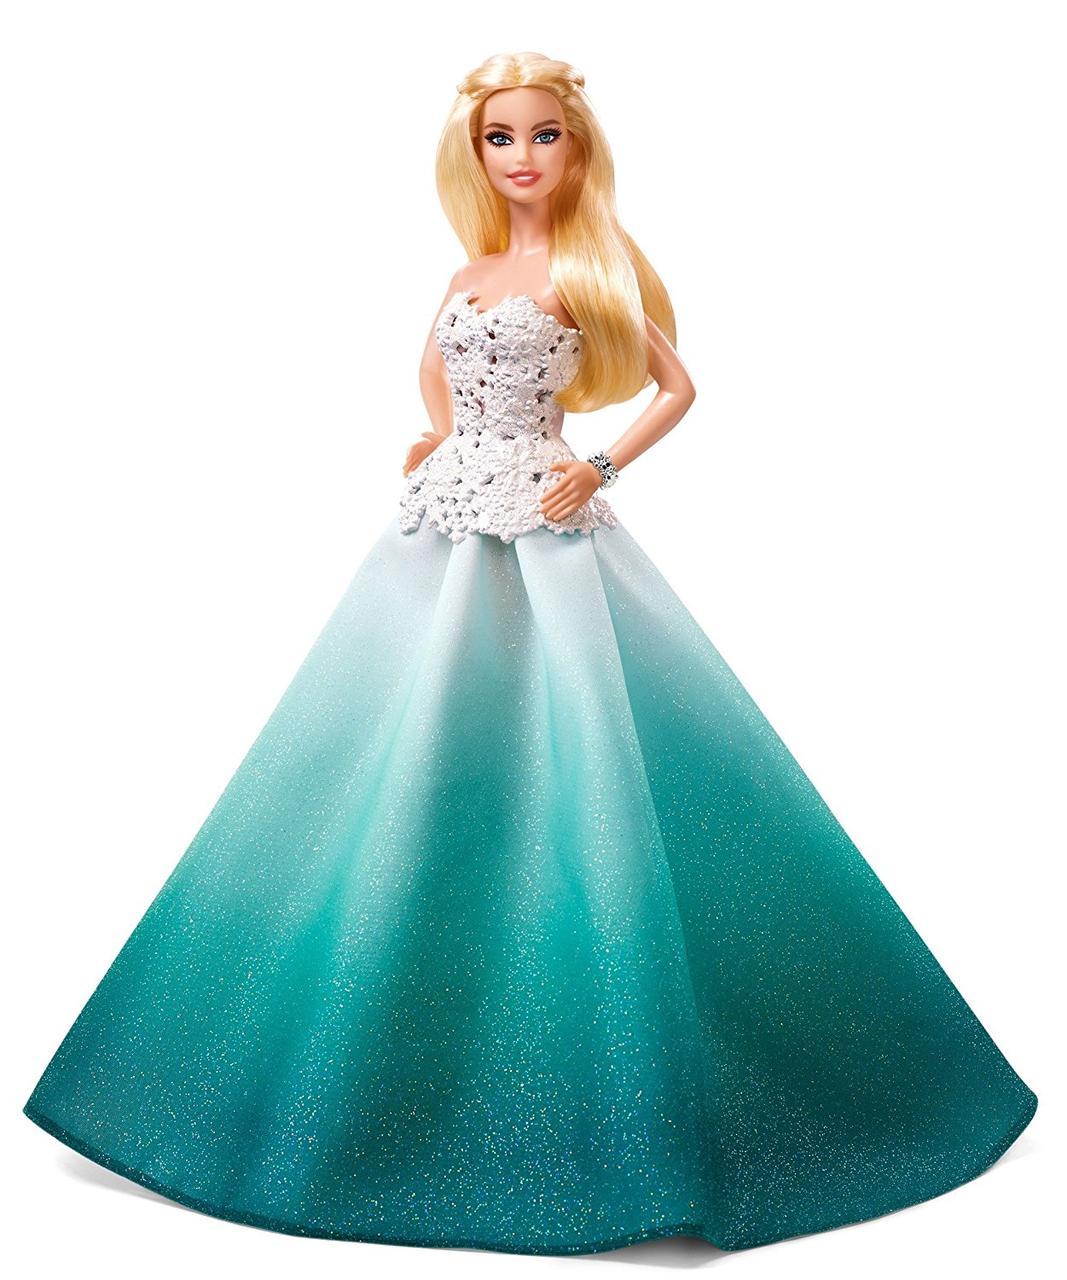 Кукла Барби Праздничная в аква зеленом платье коллекционная Barbie Holiday Doll DGX98